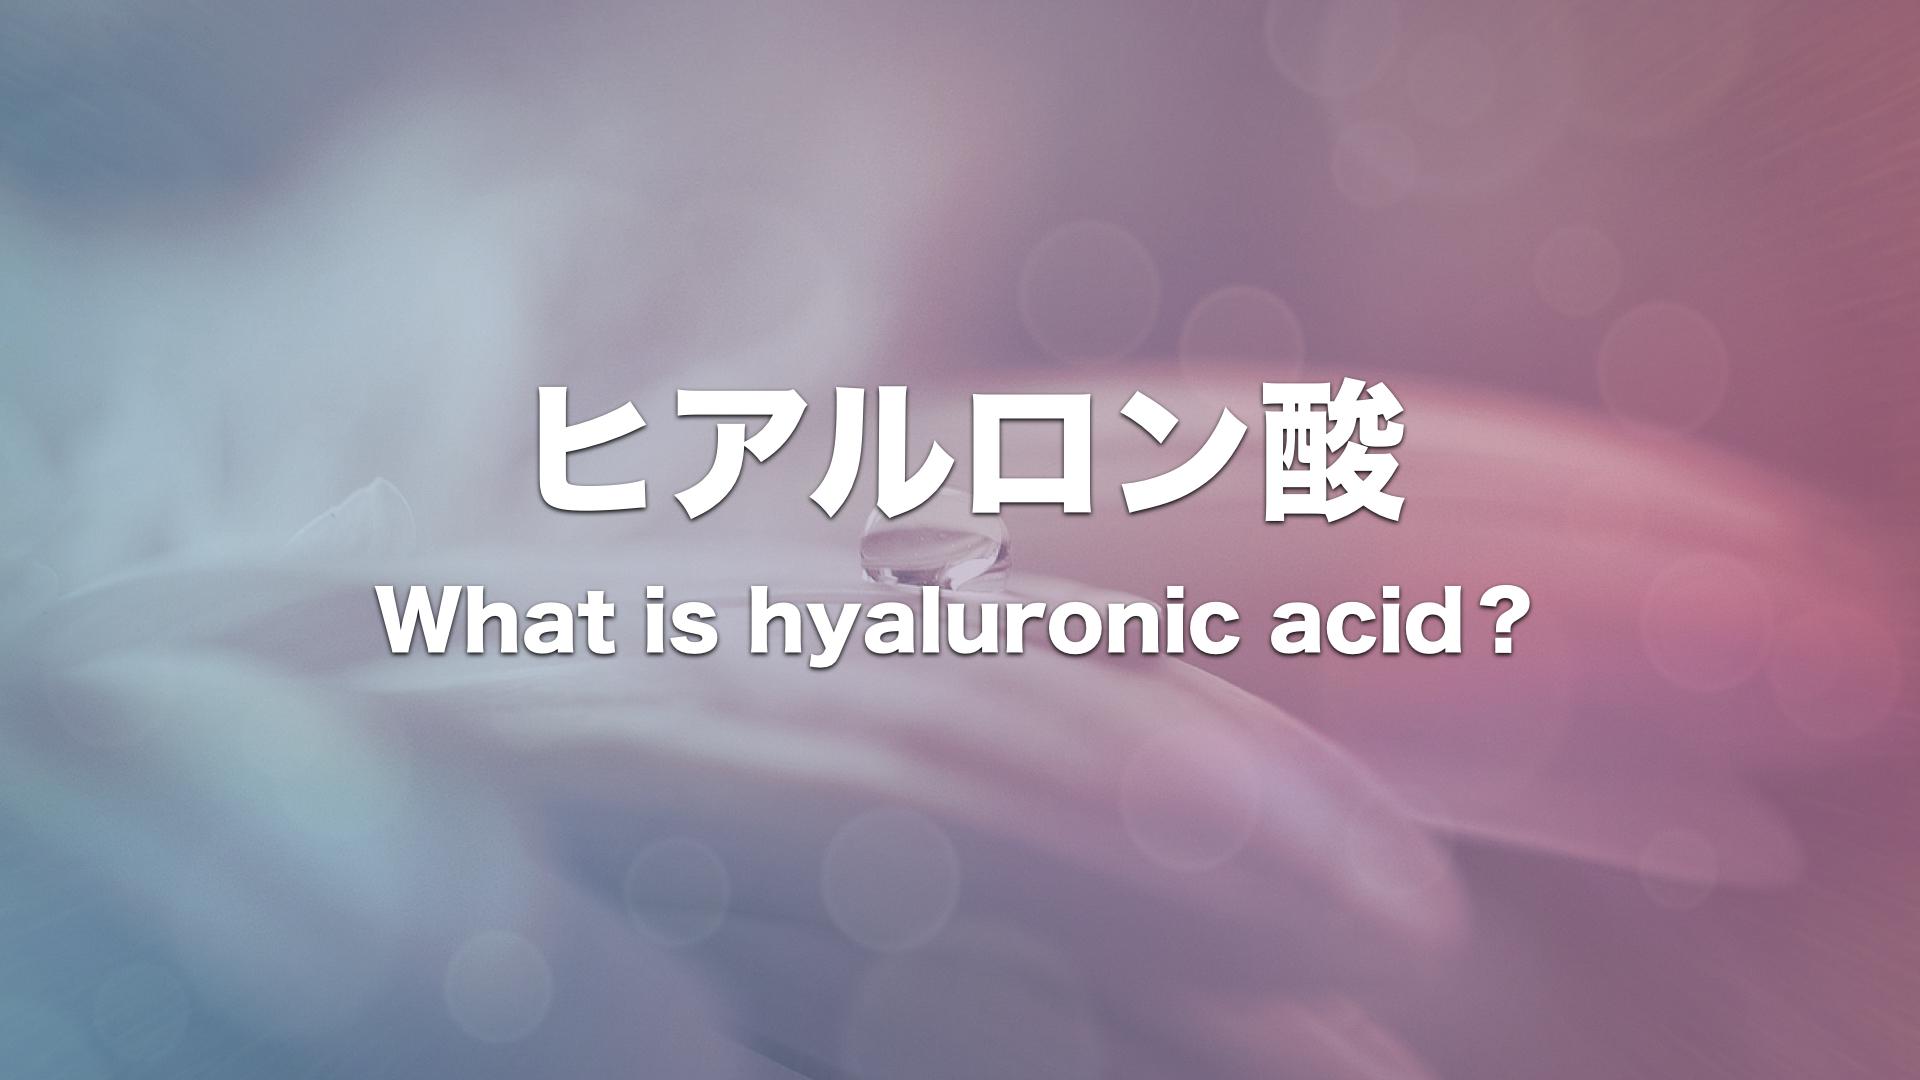 ヒアルロン酸とは?